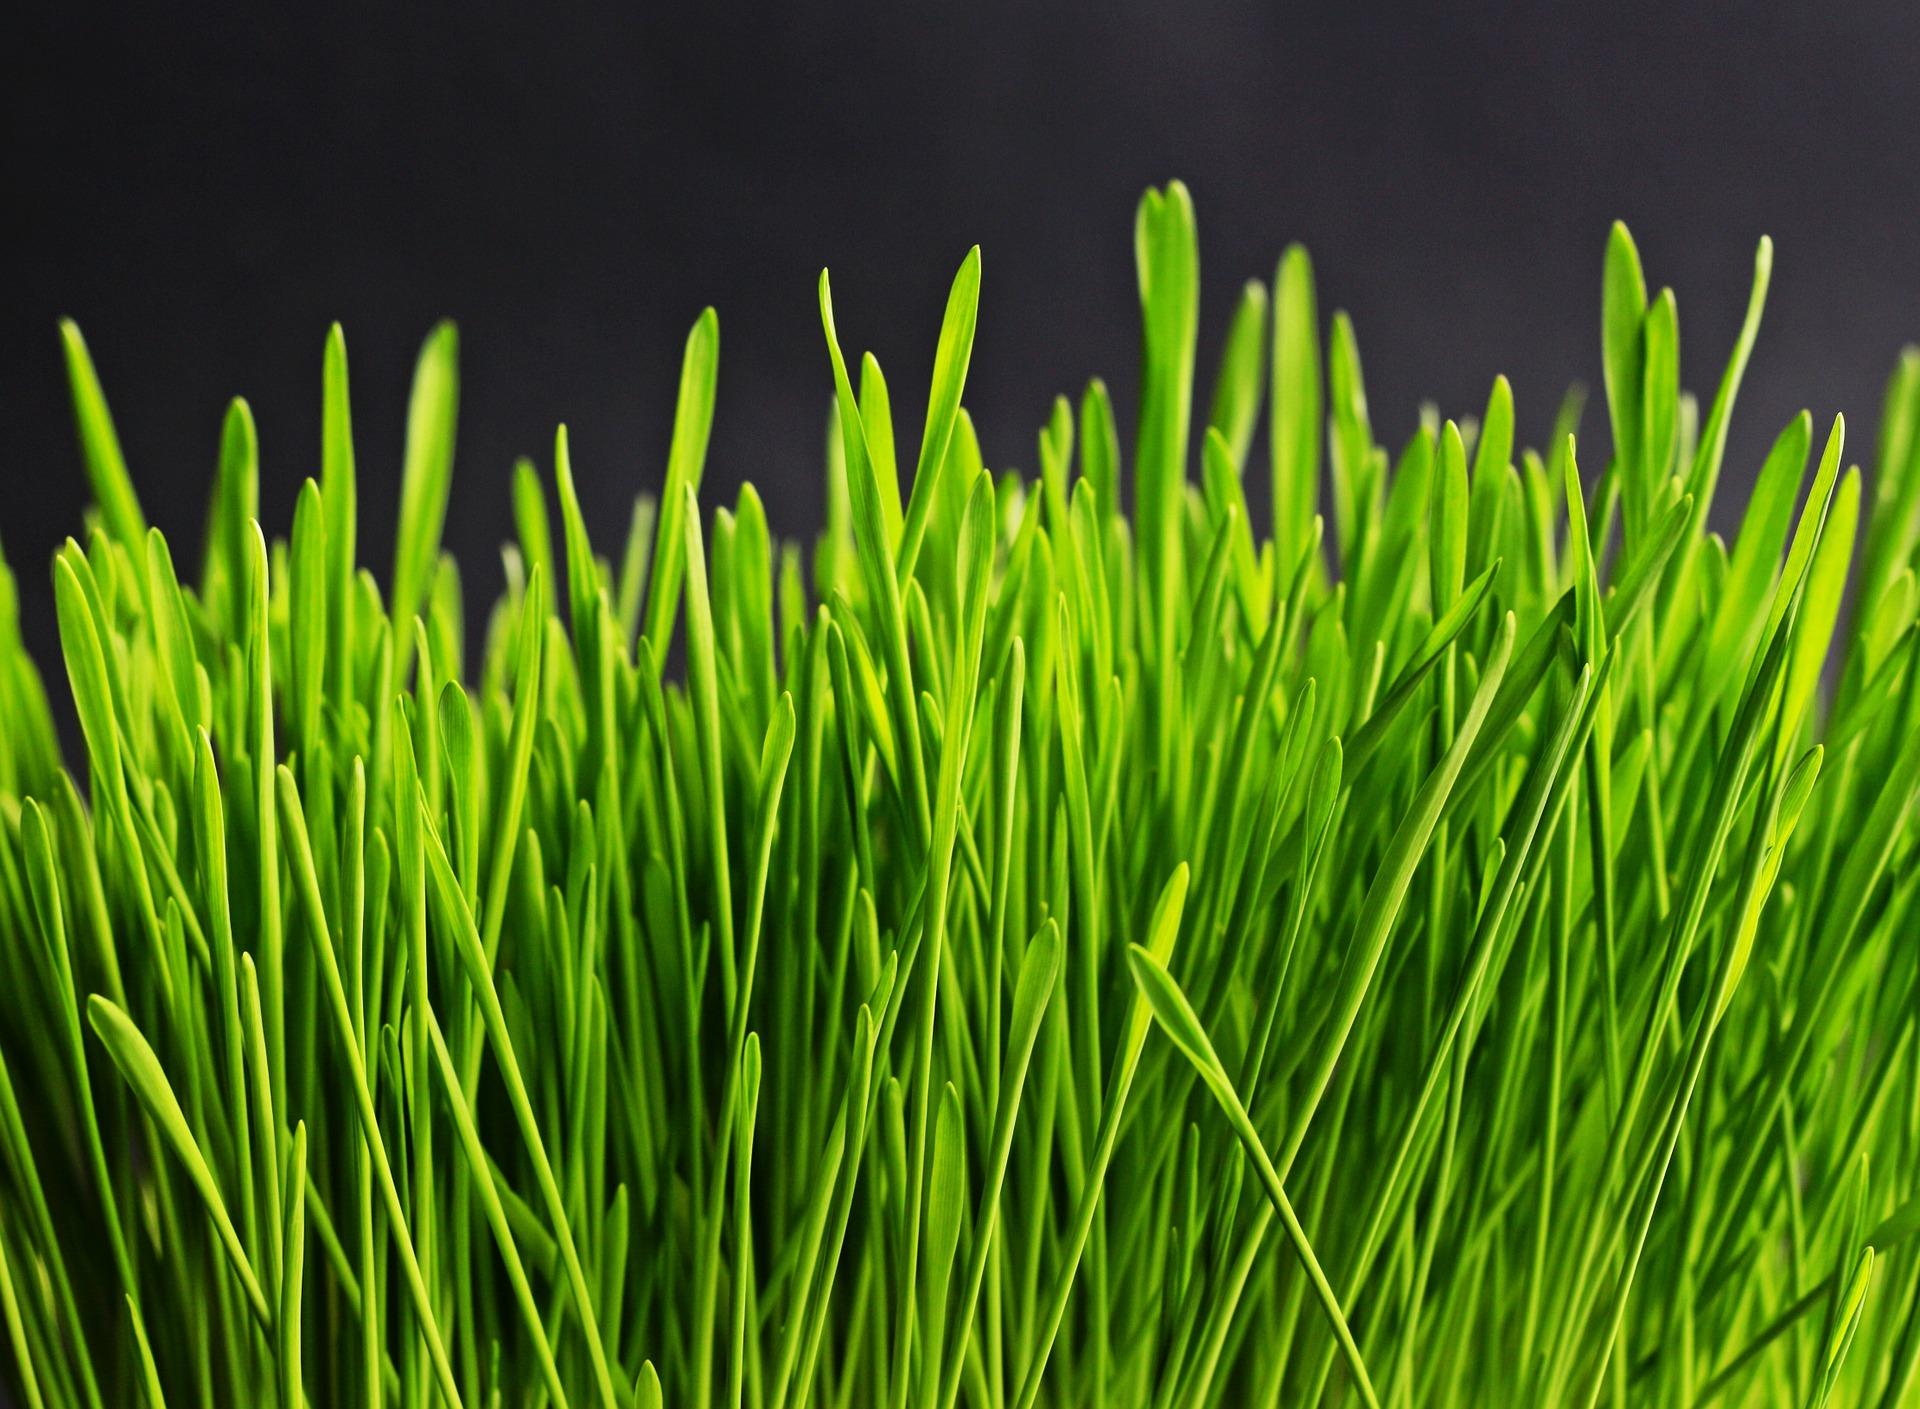 grass-534873_1920.jpg